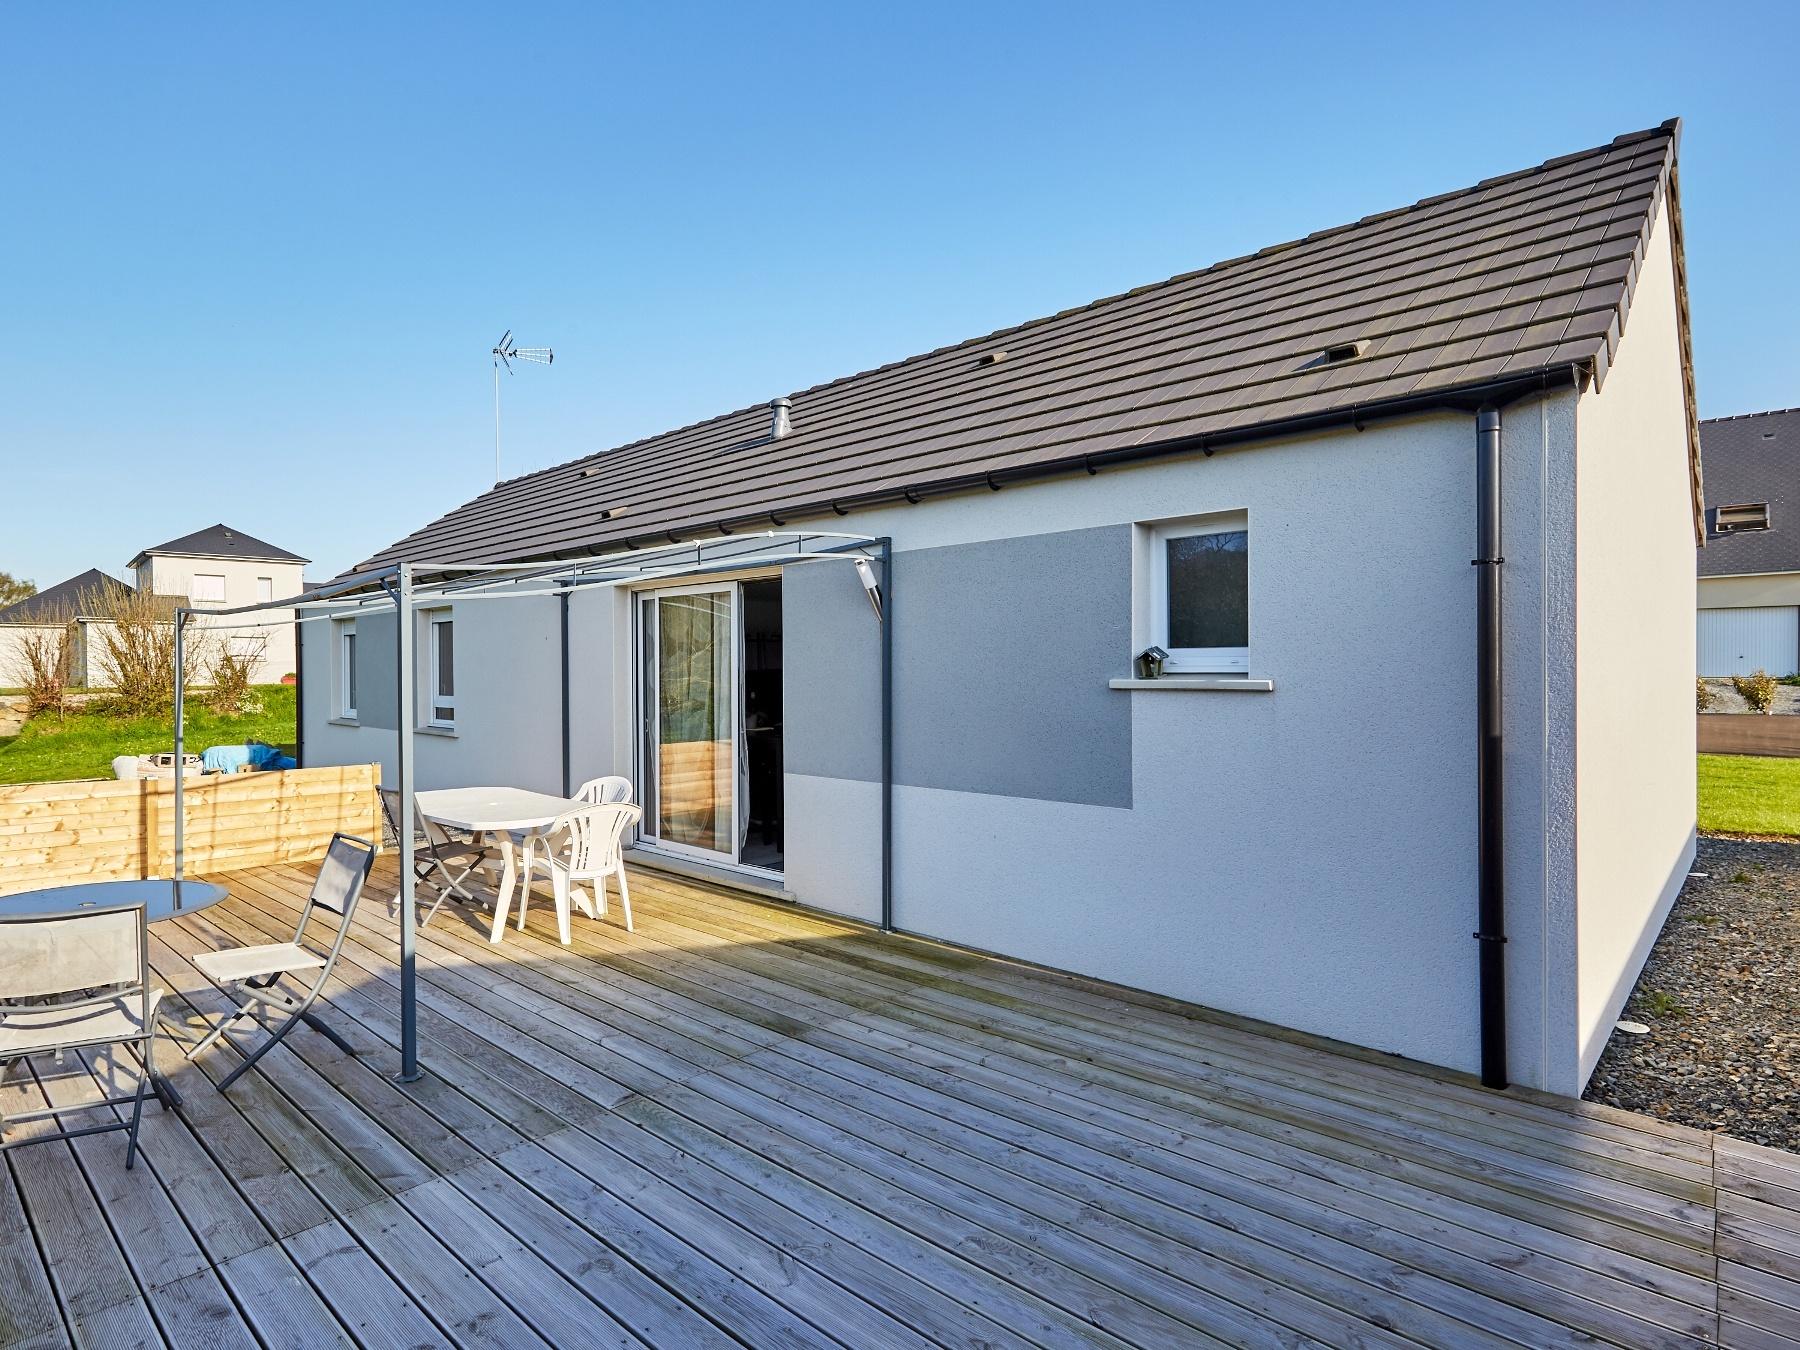 Maisons + Terrains du constructeur Maisons Phénix Le Mans • 107 m² • SABLE SUR SARTHE